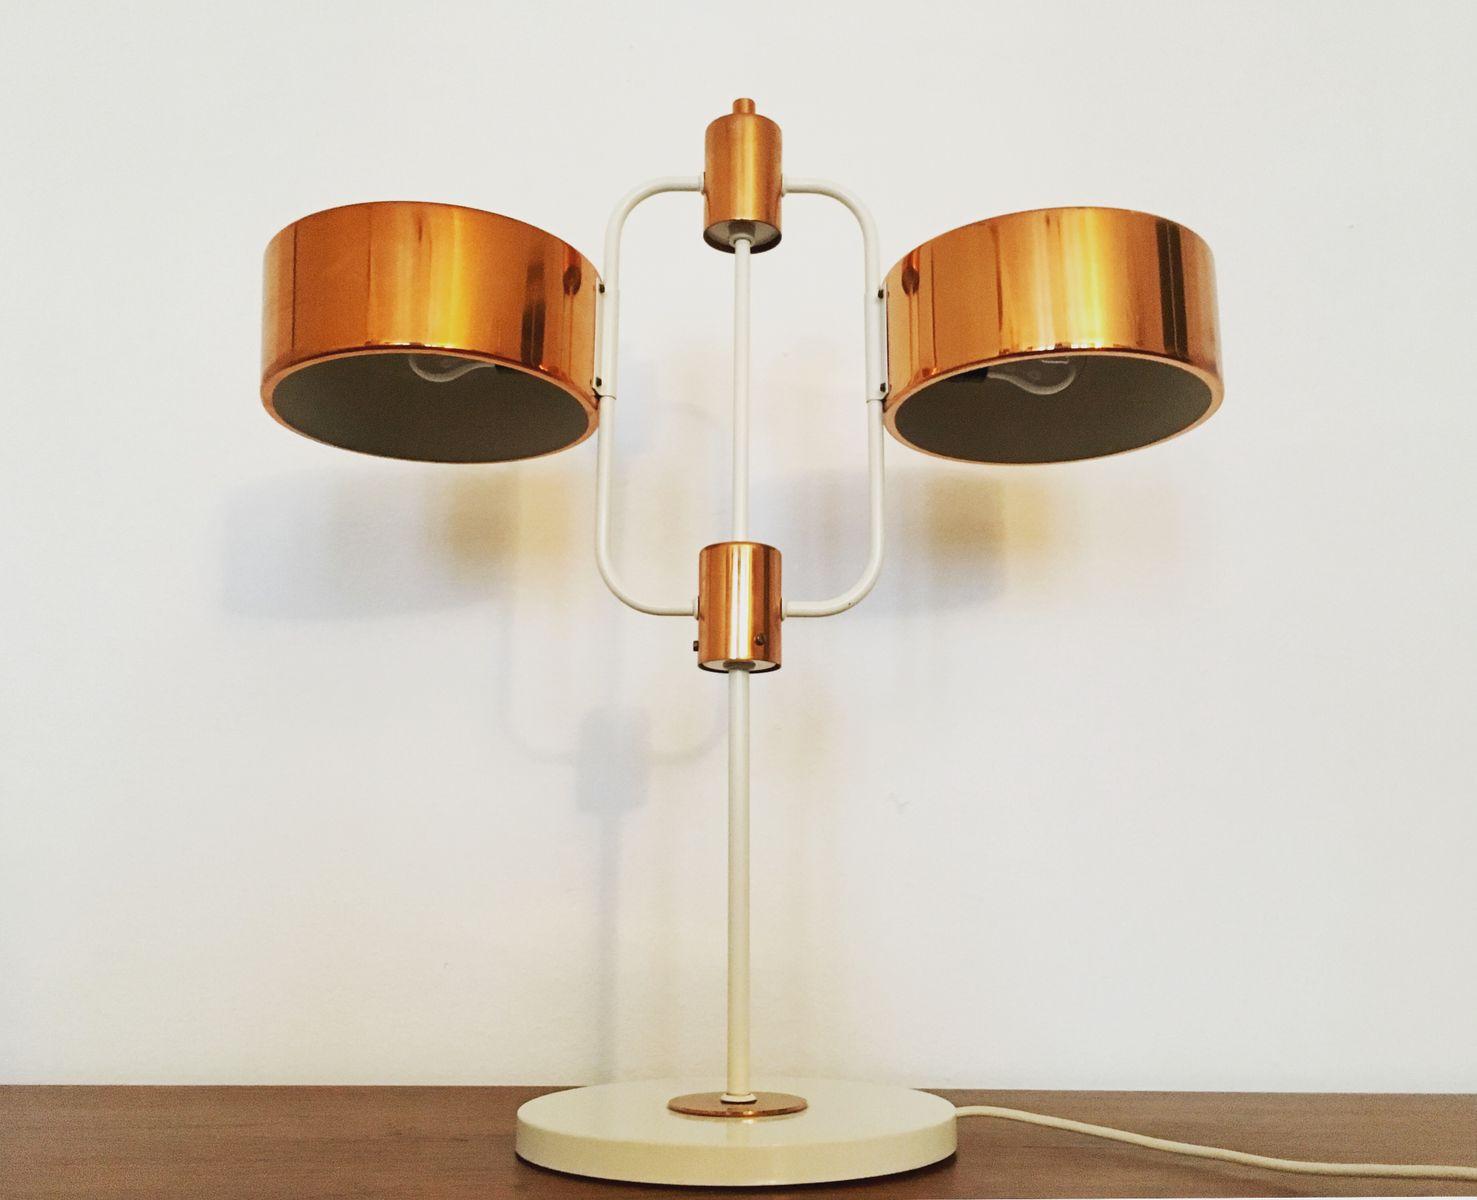 grande lampe de bureau avec d tails en cuivre de veb 1960s en vente sur pamono. Black Bedroom Furniture Sets. Home Design Ideas